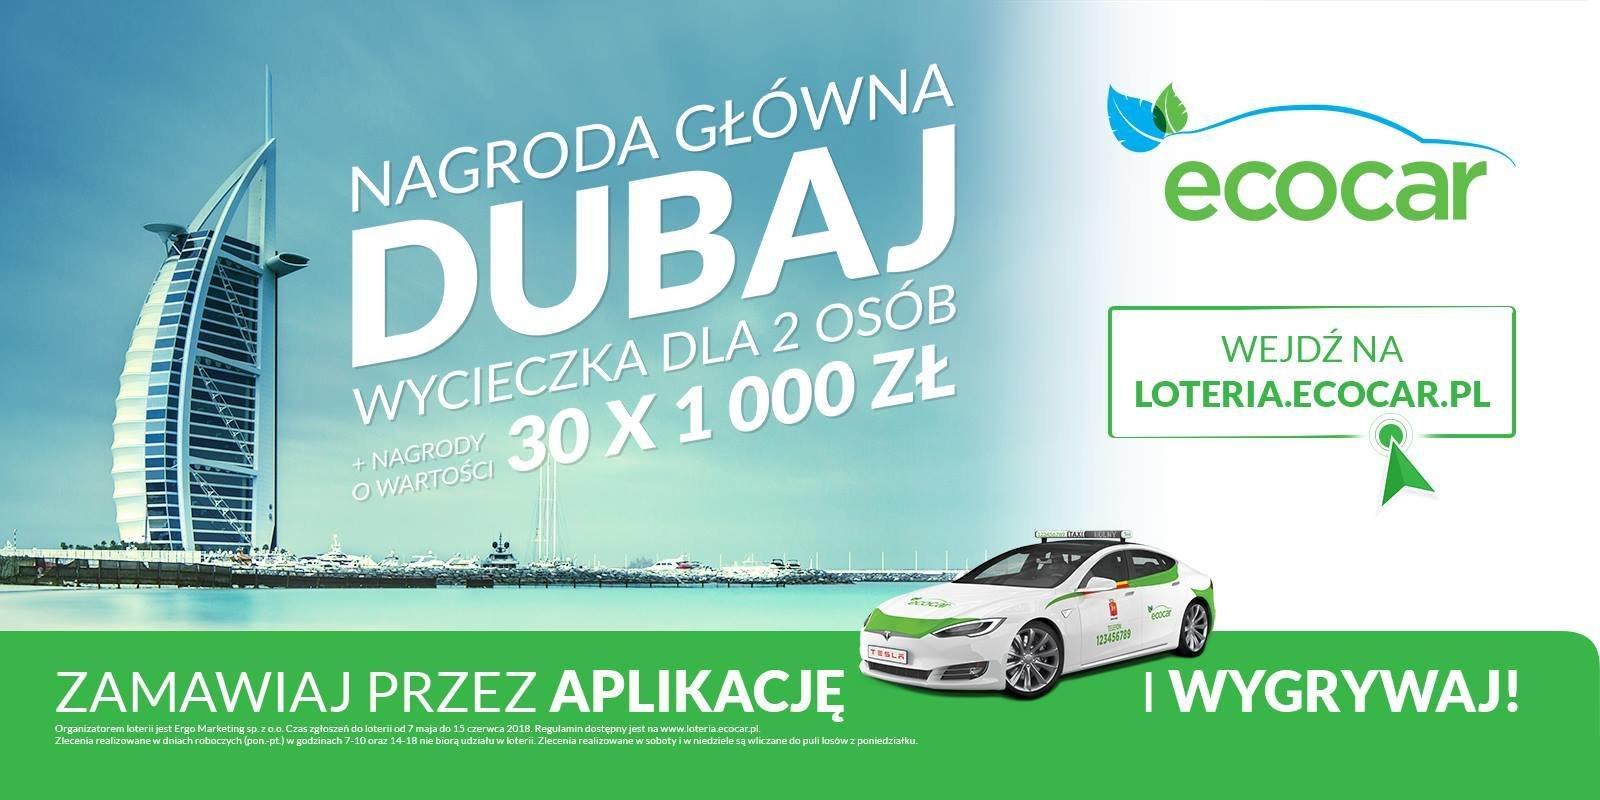 Ruszyła wielka loteria EcoCar. Do wygrania wycieczka i 1000 zł codziennie